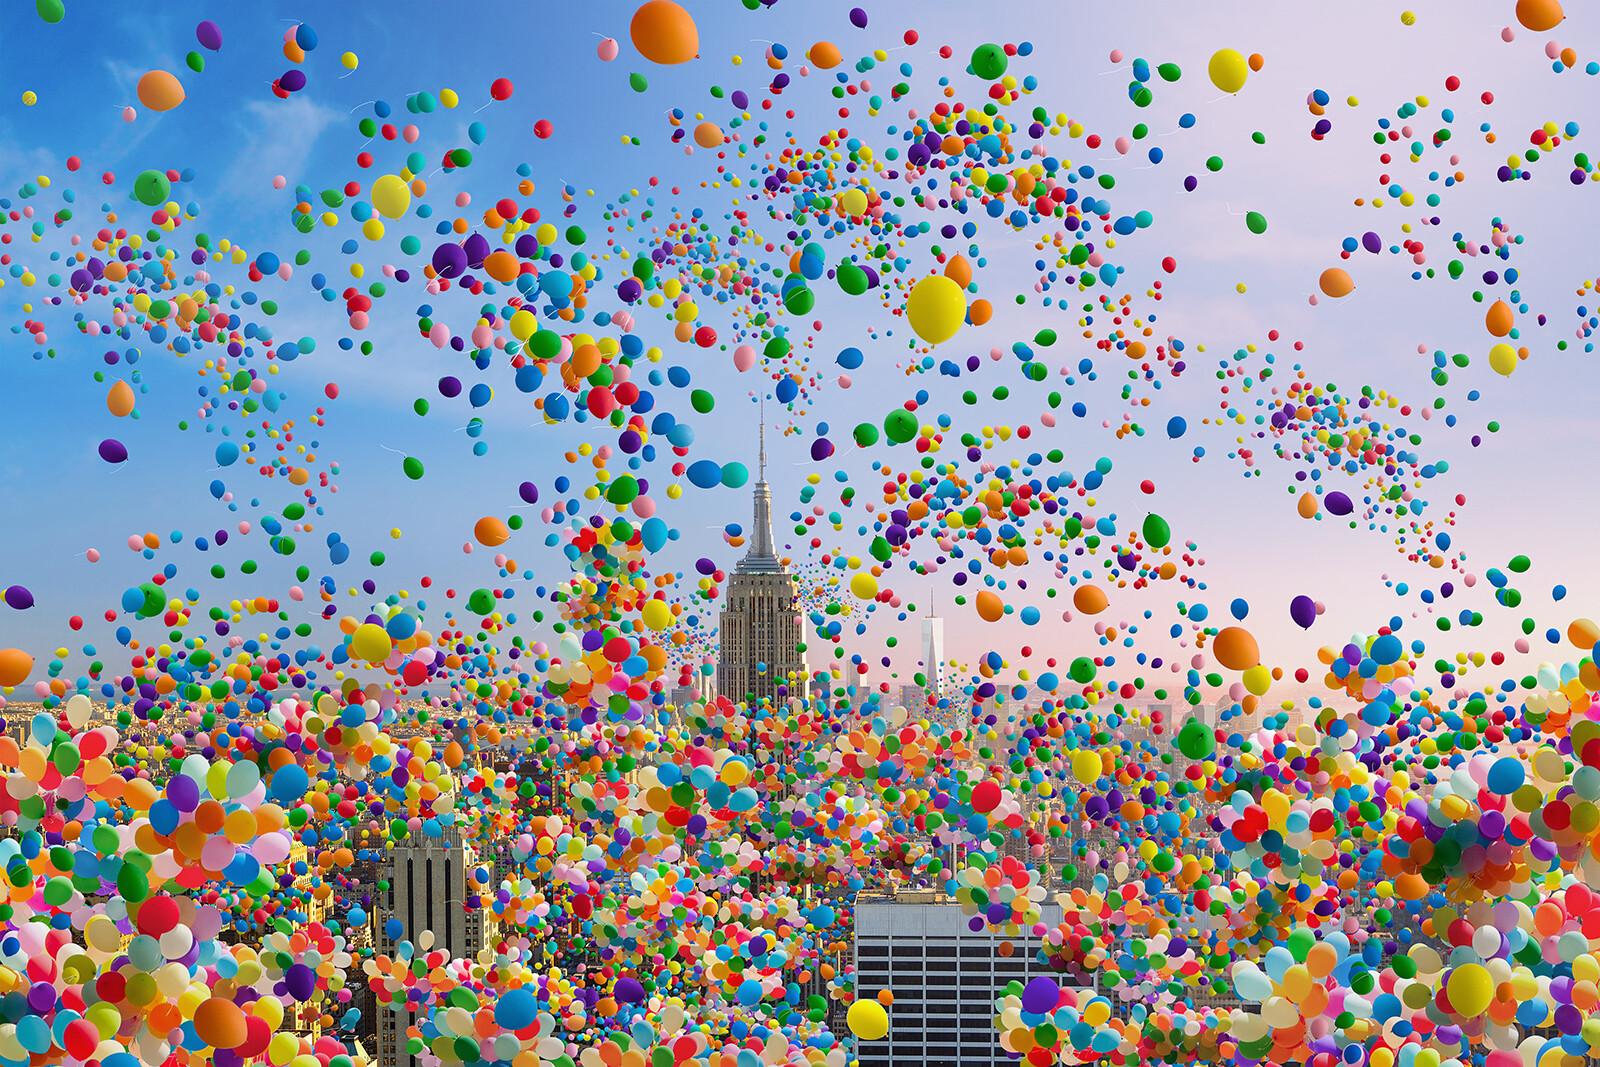 NYC Balloons II - Robert Jahns